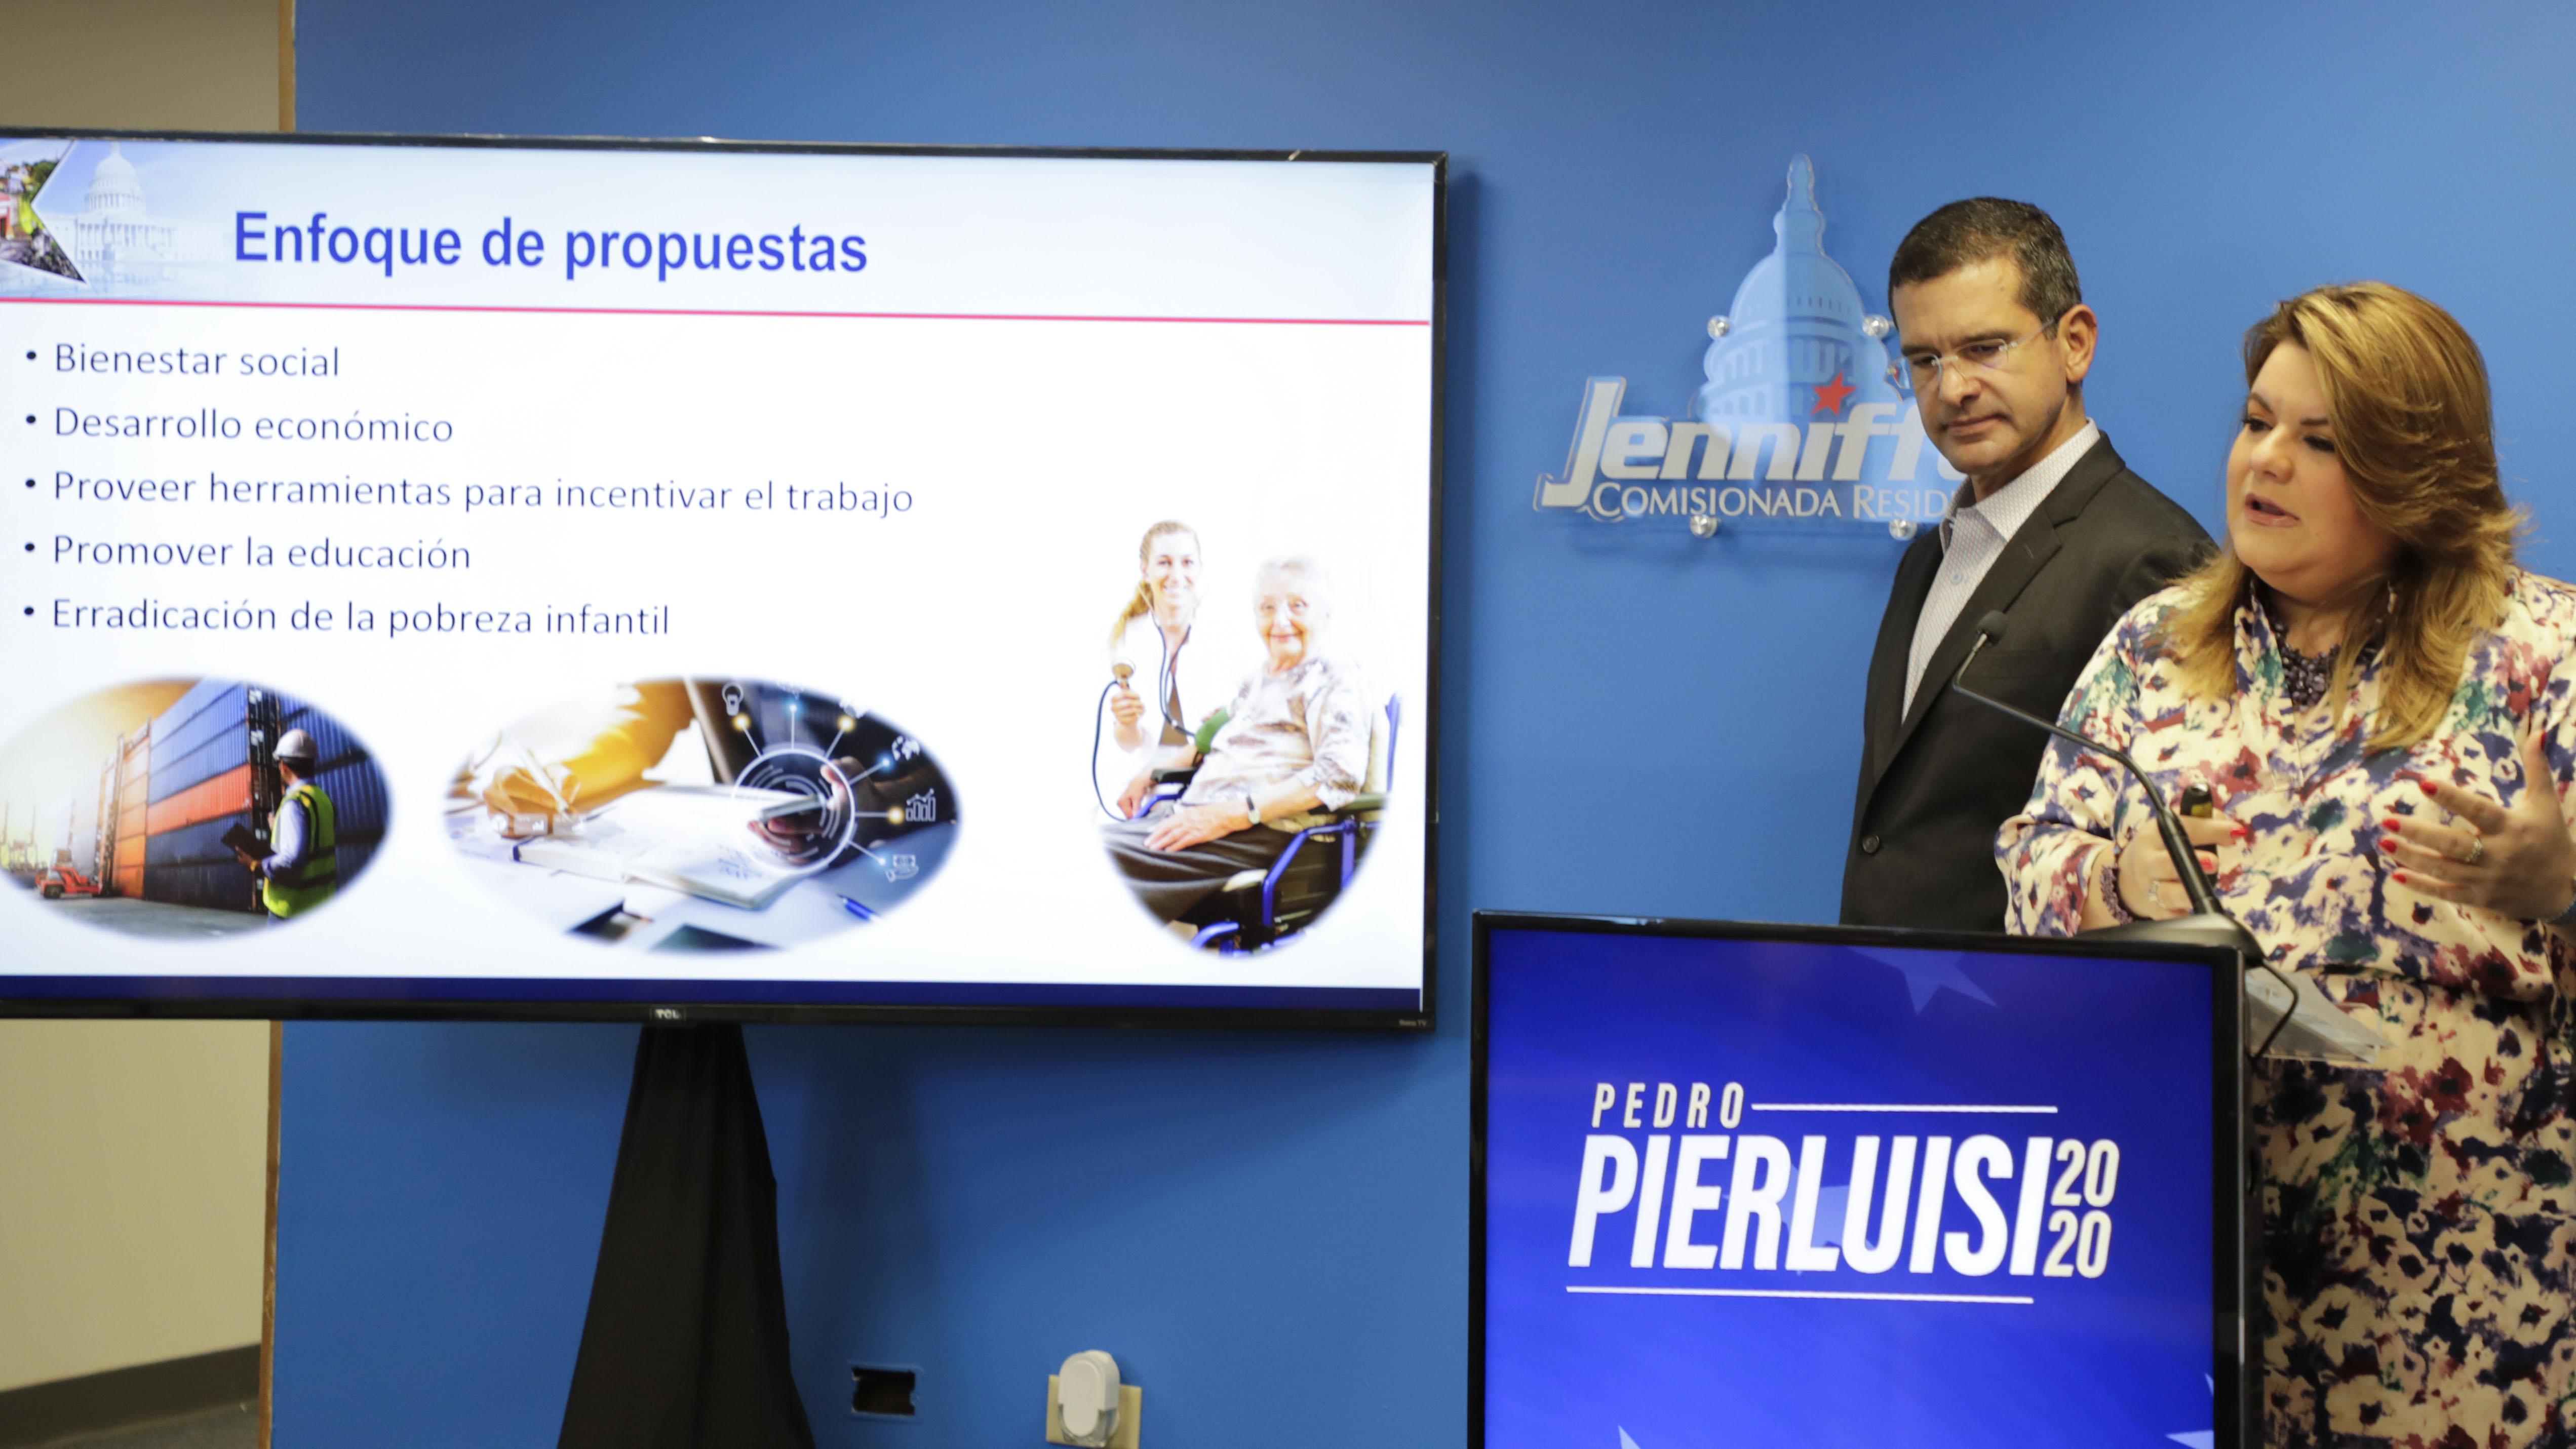 Pedro Pierluisi y Jenniffer González proponen reducir la pobreza infantil